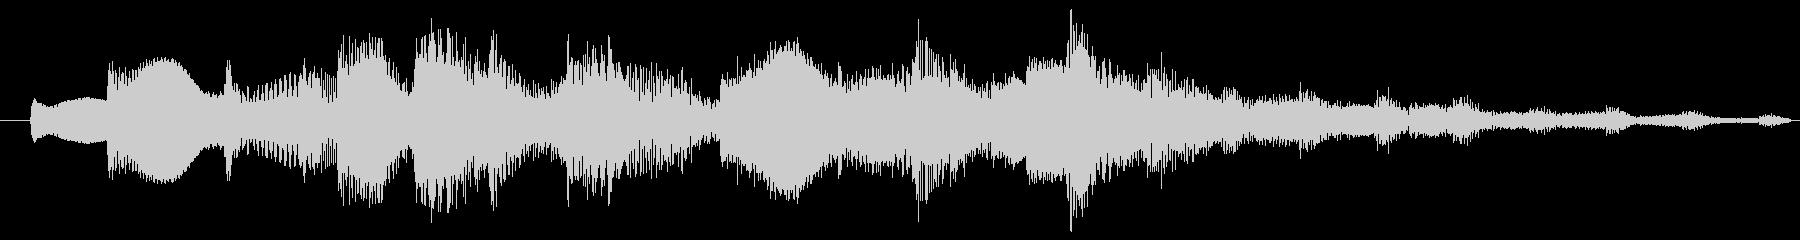 着信音 メロ03の未再生の波形